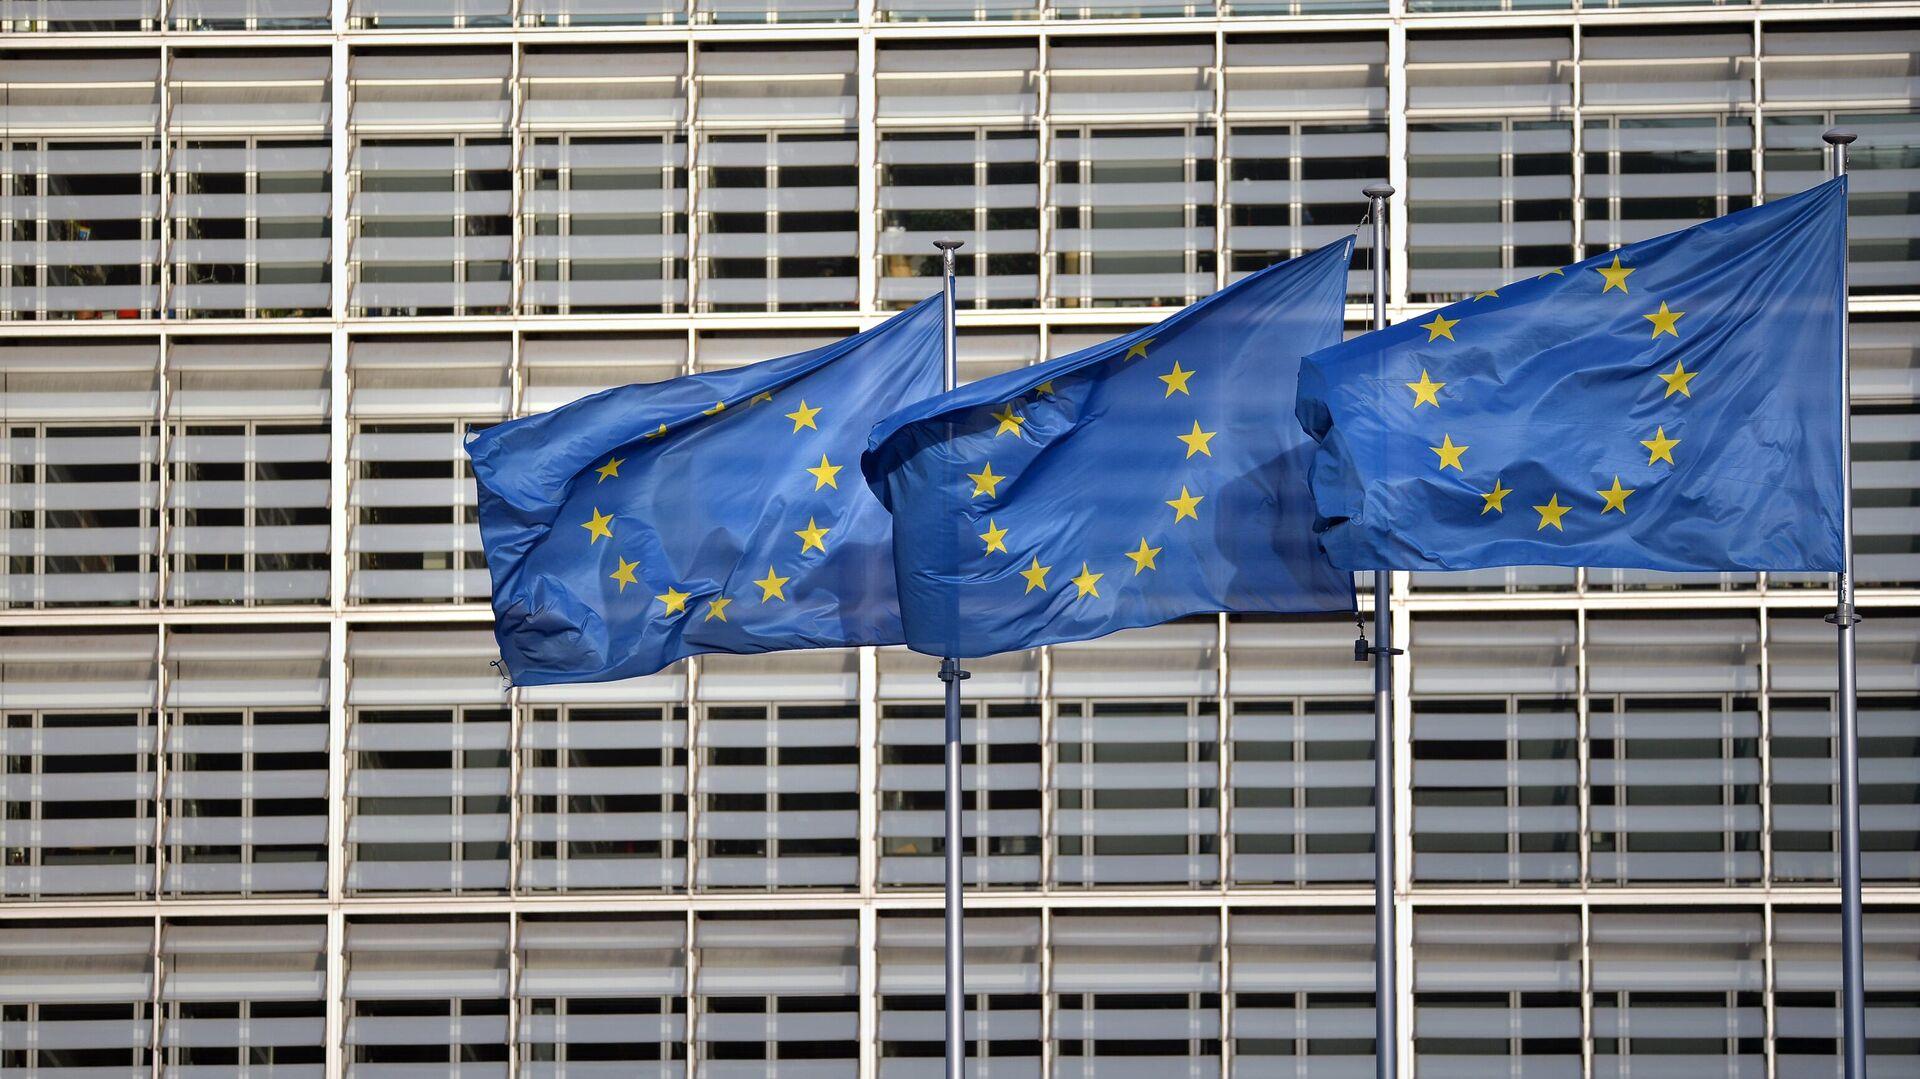 Флаги ЕС на фоне здания Европейского совета - РИА Новости, 1920, 24.09.2020